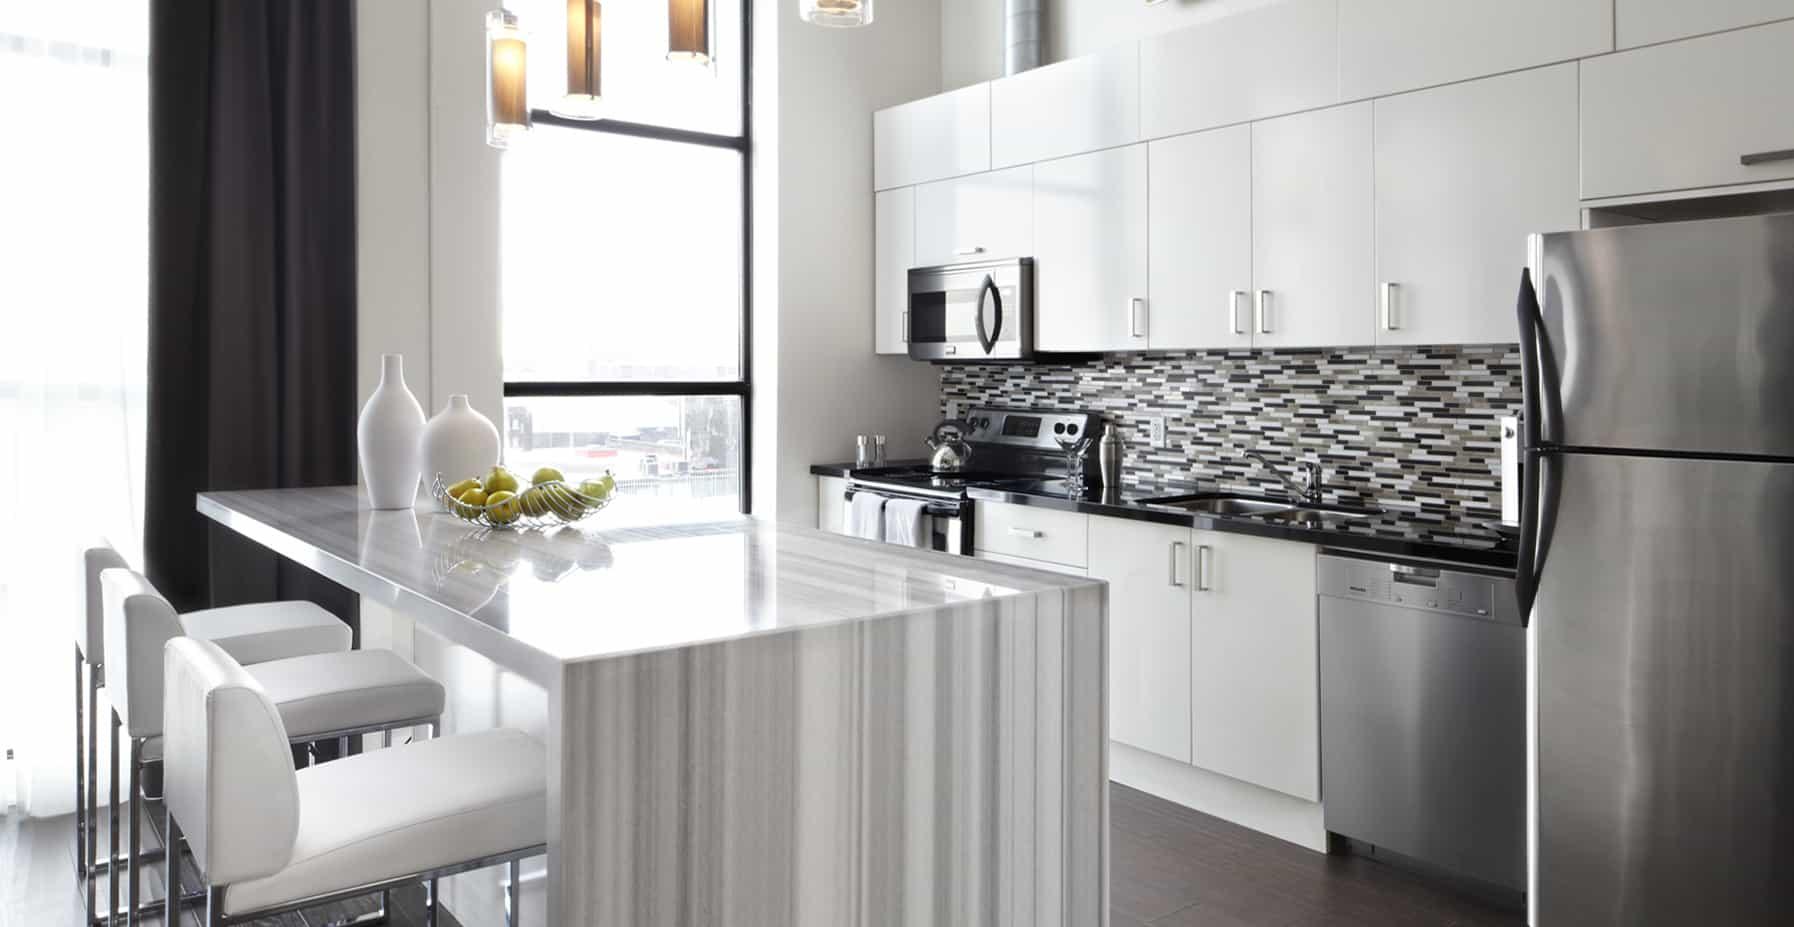 100 kitchen design toronto an ultra luxurious 50 for Kitchen designs toronto